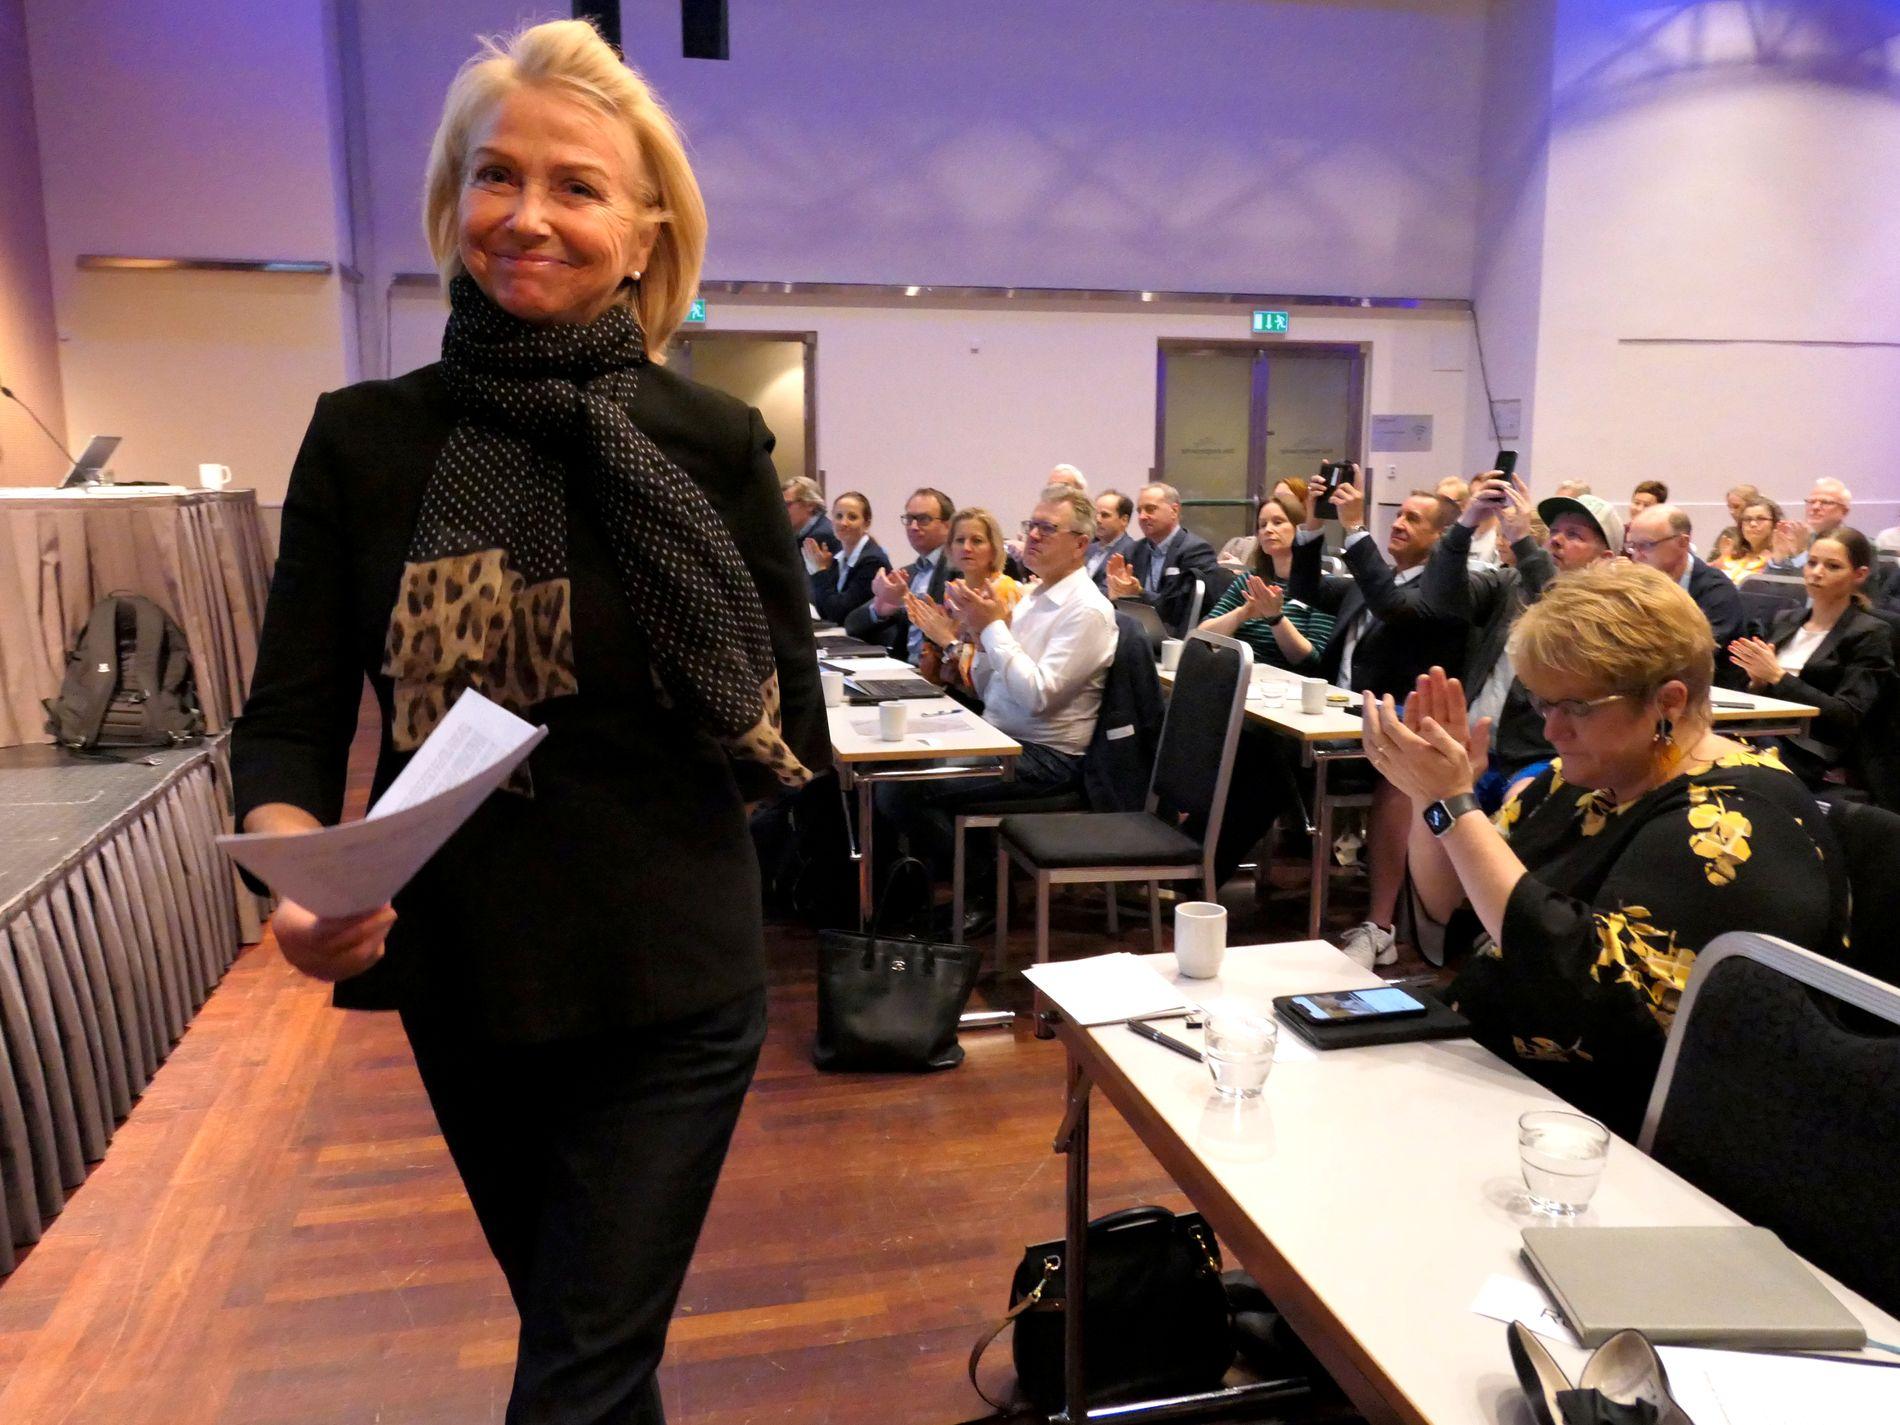 IDRETTSPRESIDENT: Berit Kjøll tok over som ny styreleder i Norges idrettsforbund etter Tom Tvedt tidligere i år. I dag er hun på Arendalsuka. Til høyre statsråd Trine Skei Grande.